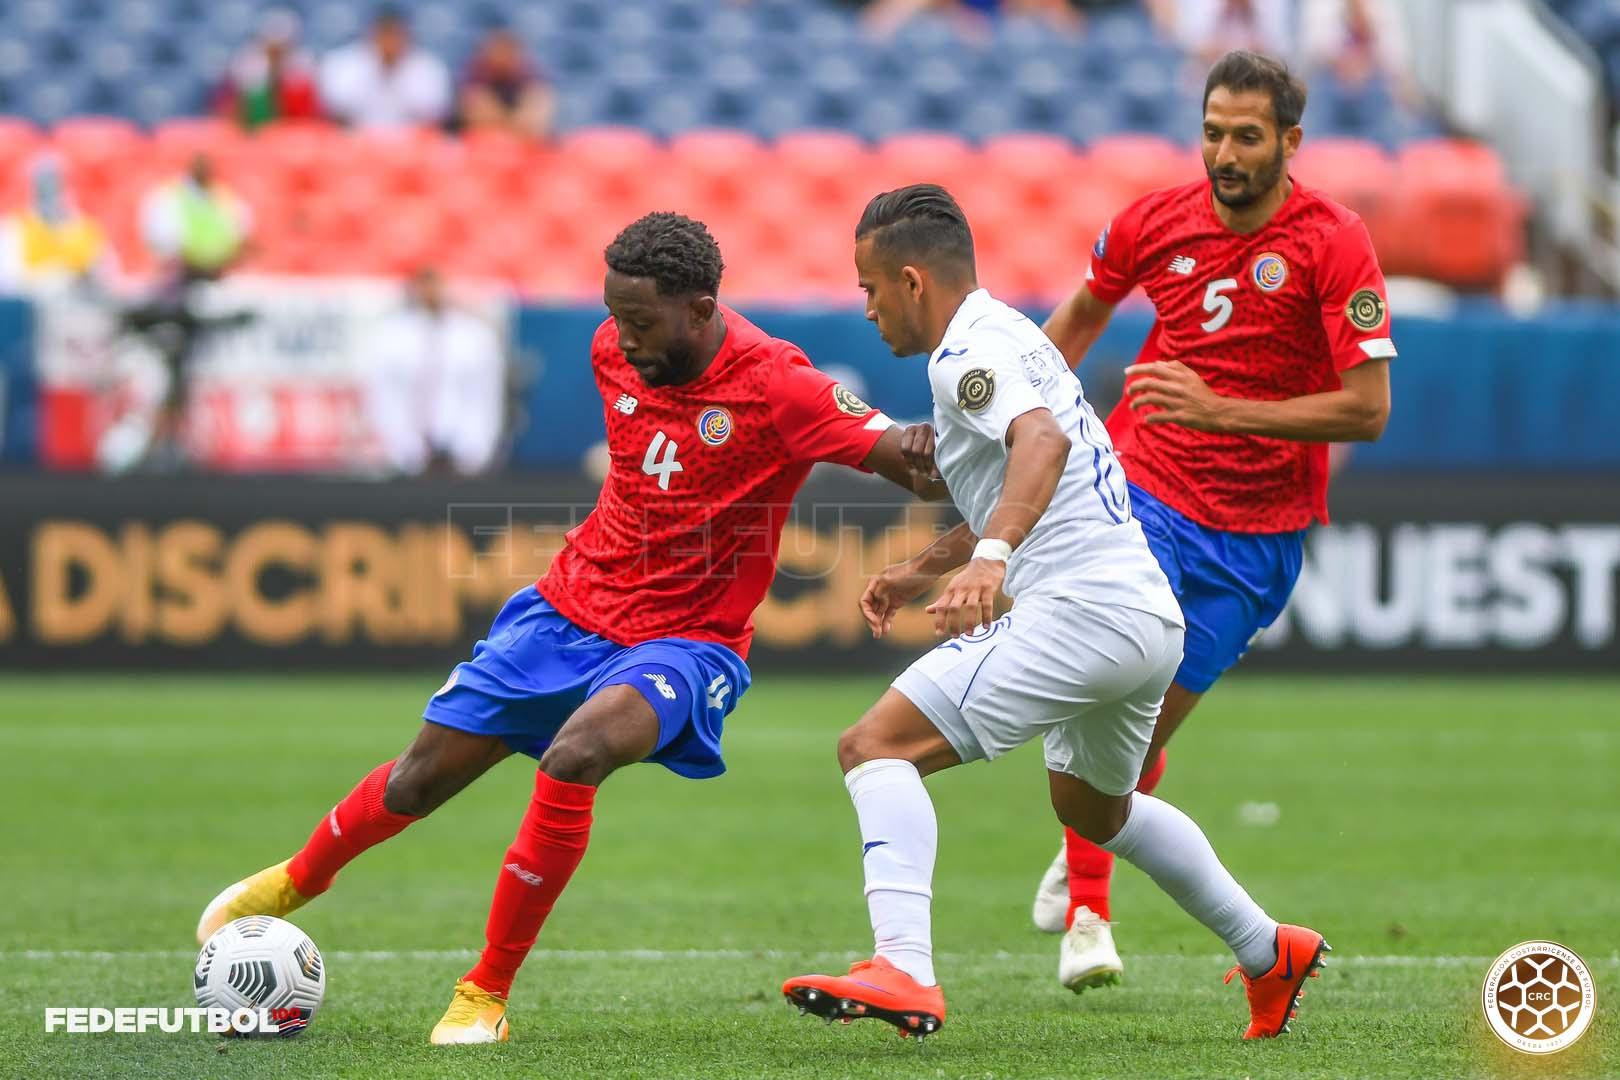 La Tricolor cerró su participación en el Final Four